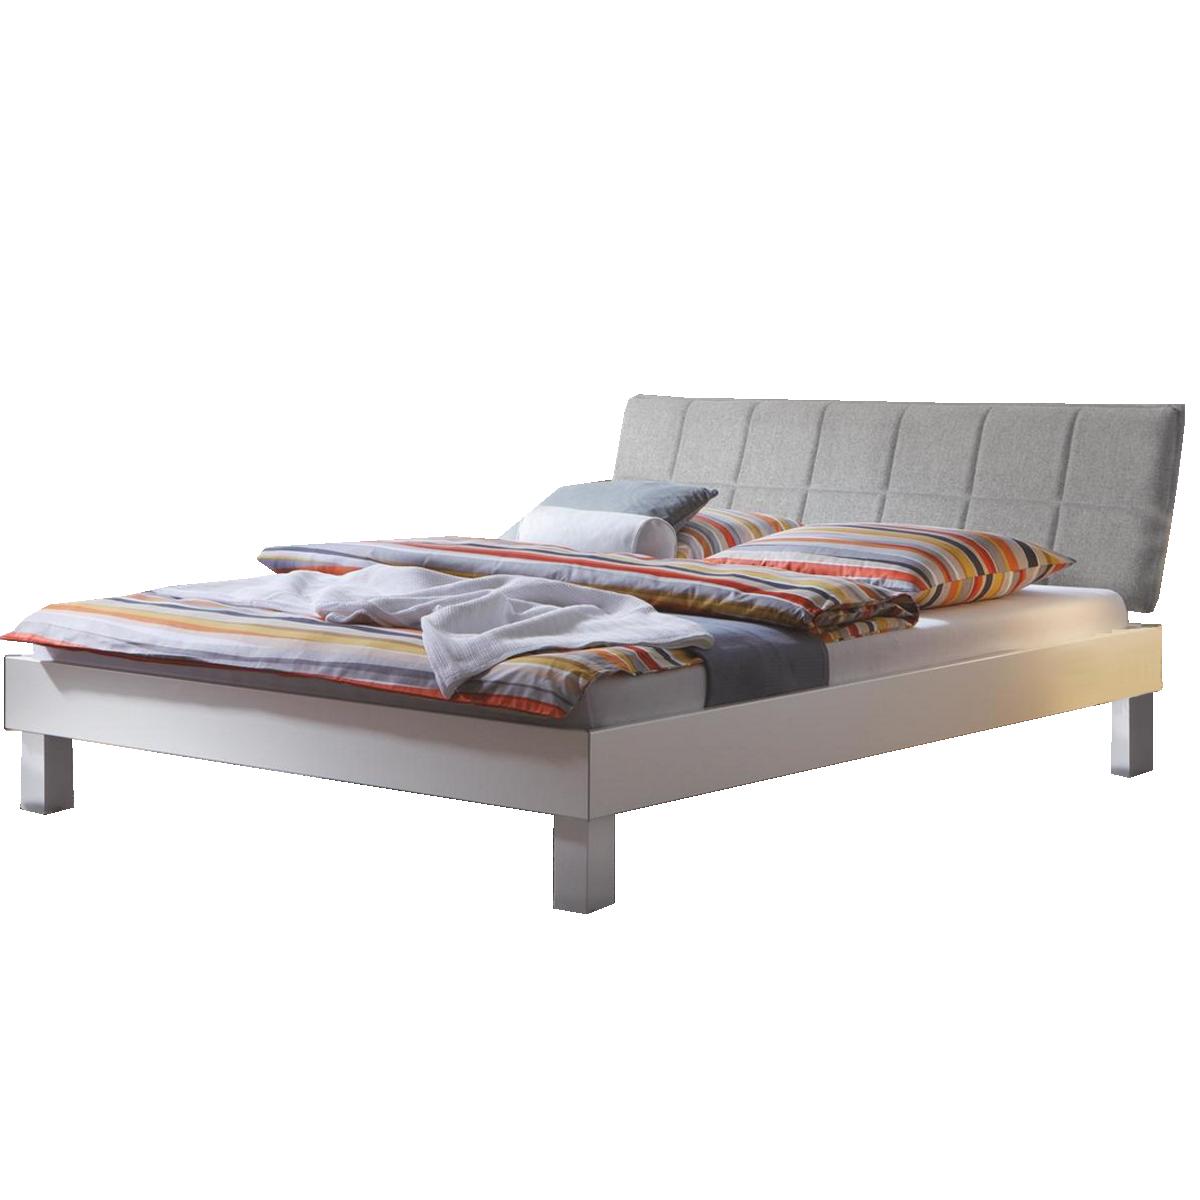 Full Size of Bett 180x200 Weiß Hasena Soft Line In Cm Bettrahmen Noble 14 Kopfteil Malta 140 X 200 Betten Ikea 160x200 Mit Unterbett Bettkasten 90x200 Schlicht 2x2m Joop Bett Bett 180x200 Weiß